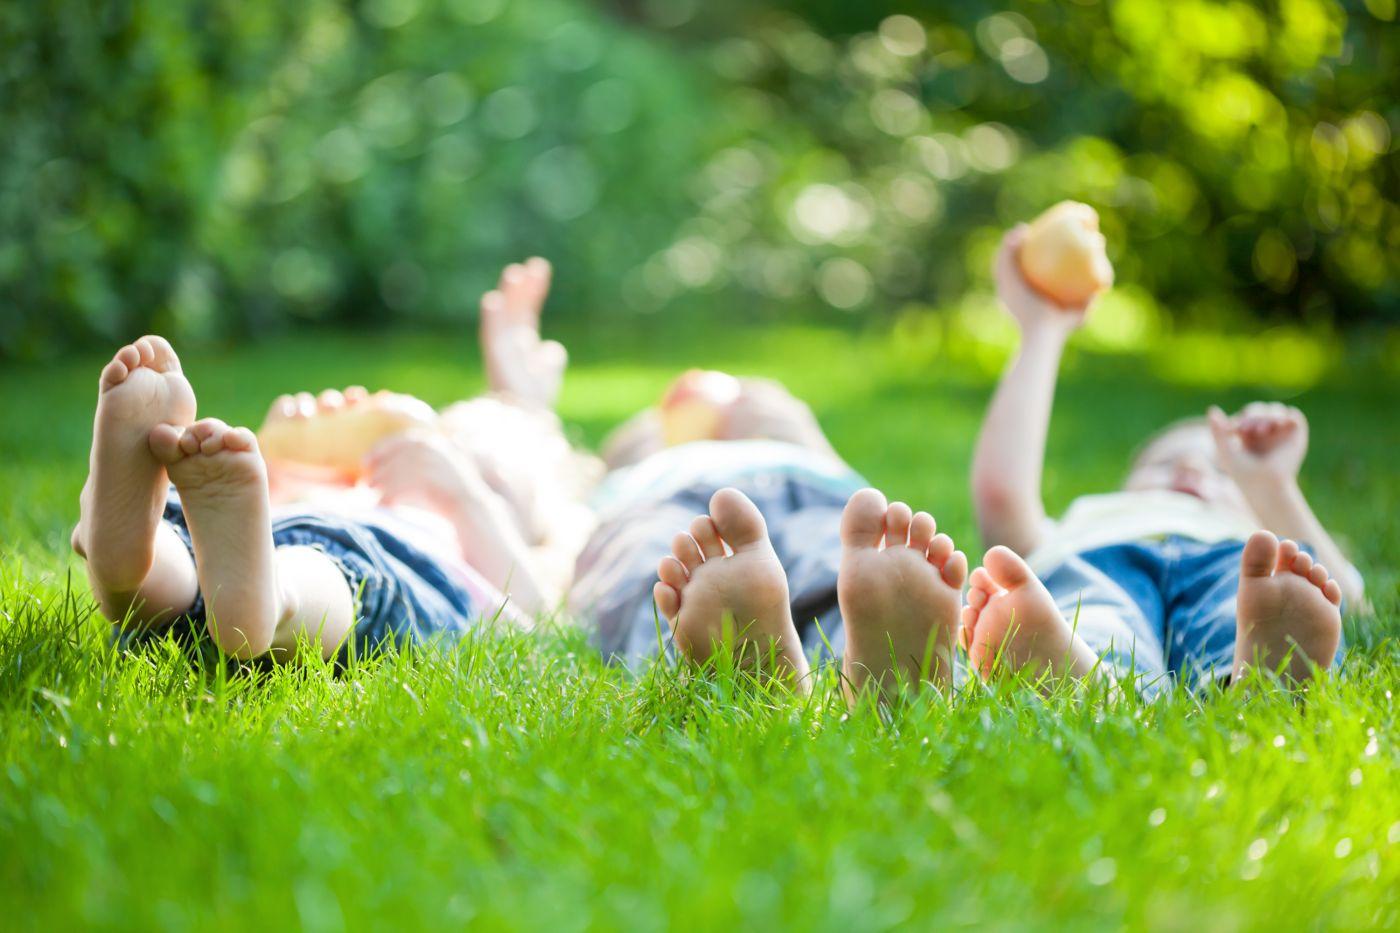 giochi da giardino per bambini usati